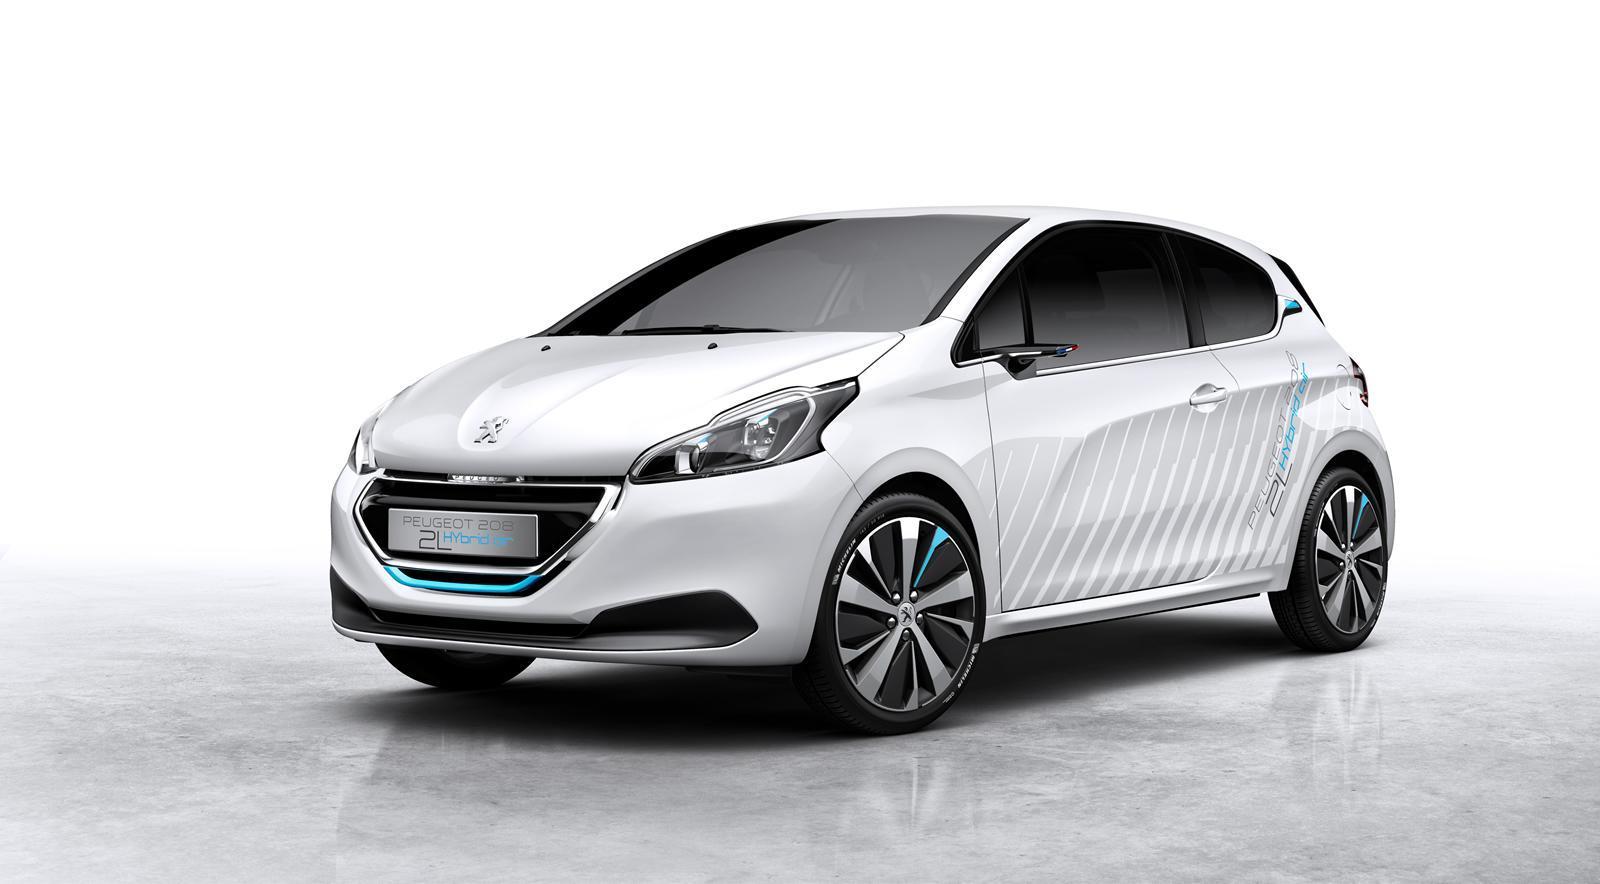 Peugeot 208 Hybrid Air 2L Concept 2014 01